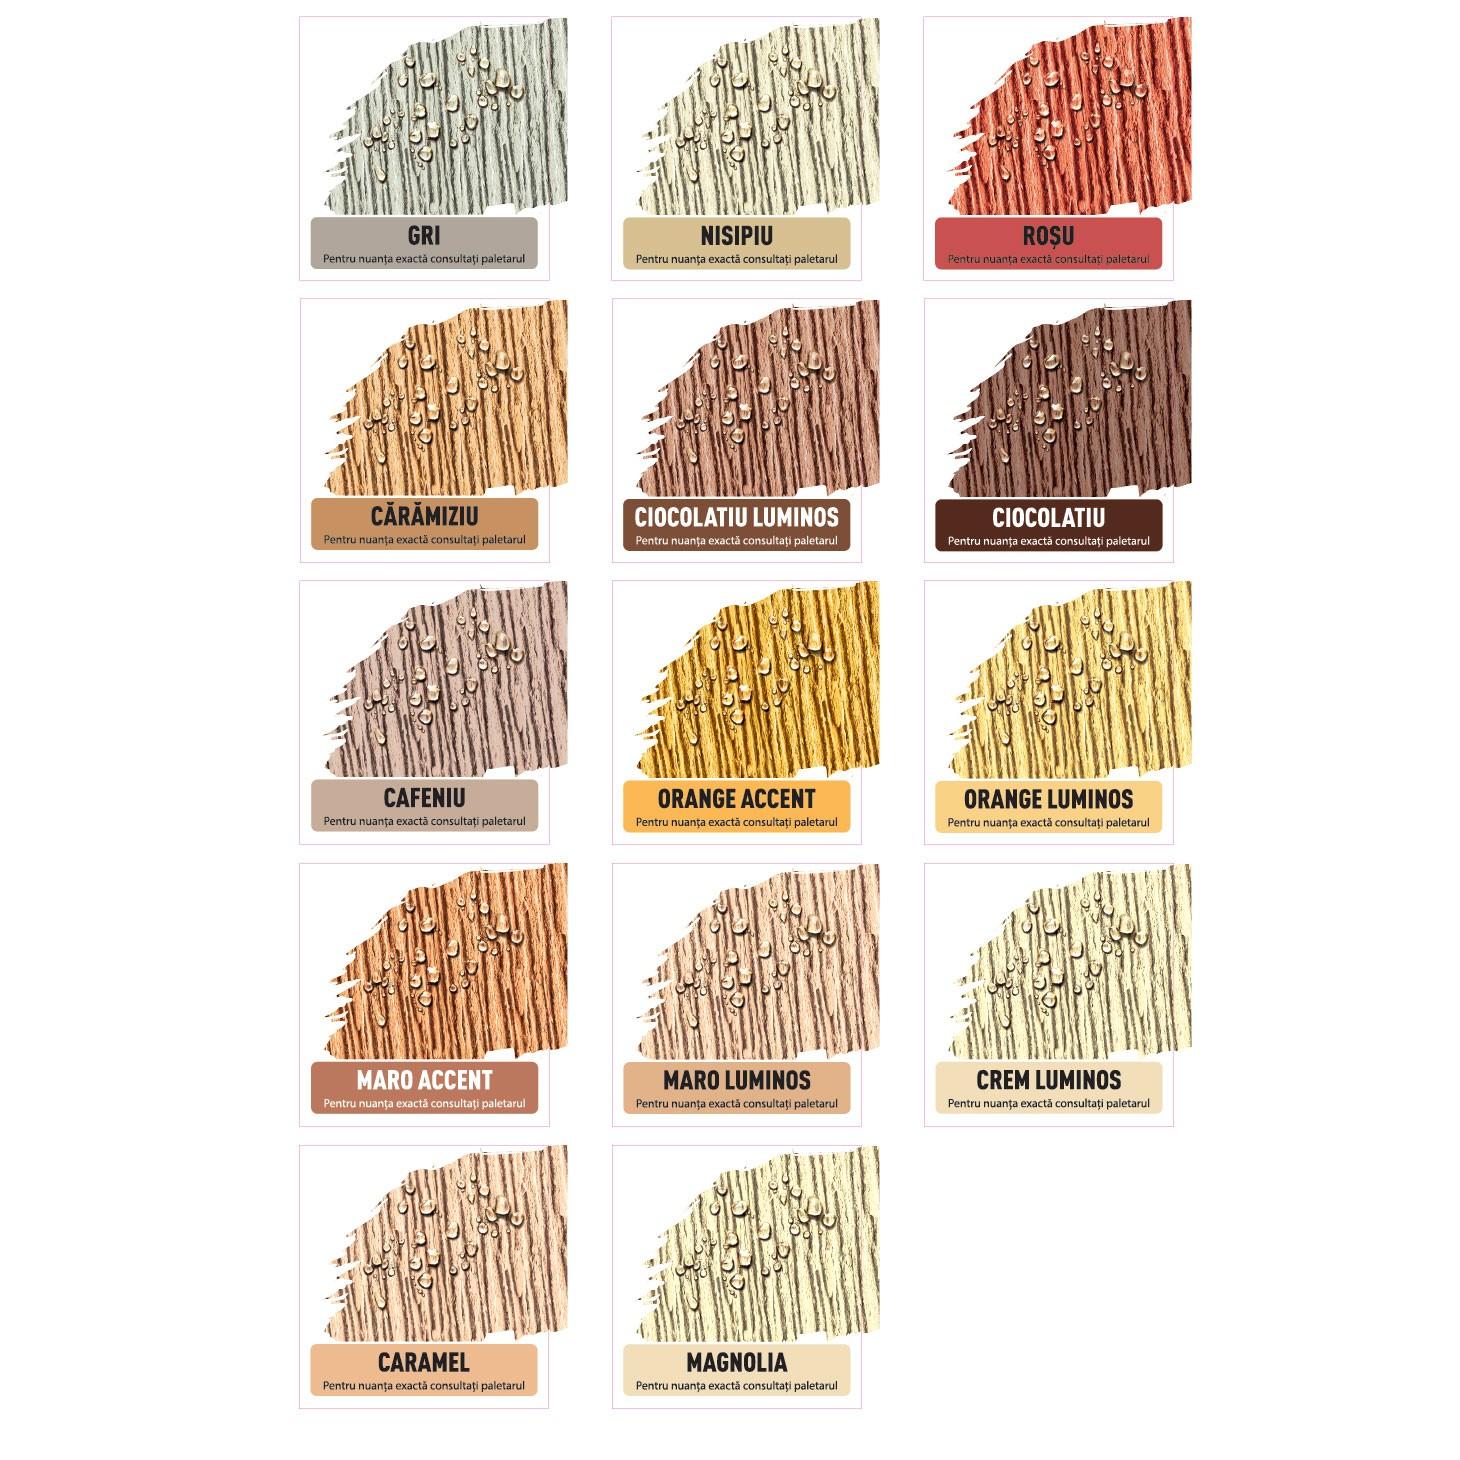 Modele Tencuiala Decorativa Interior.Dedeman Tencuiala Decorativa Acrilica Interior Exterior Danke